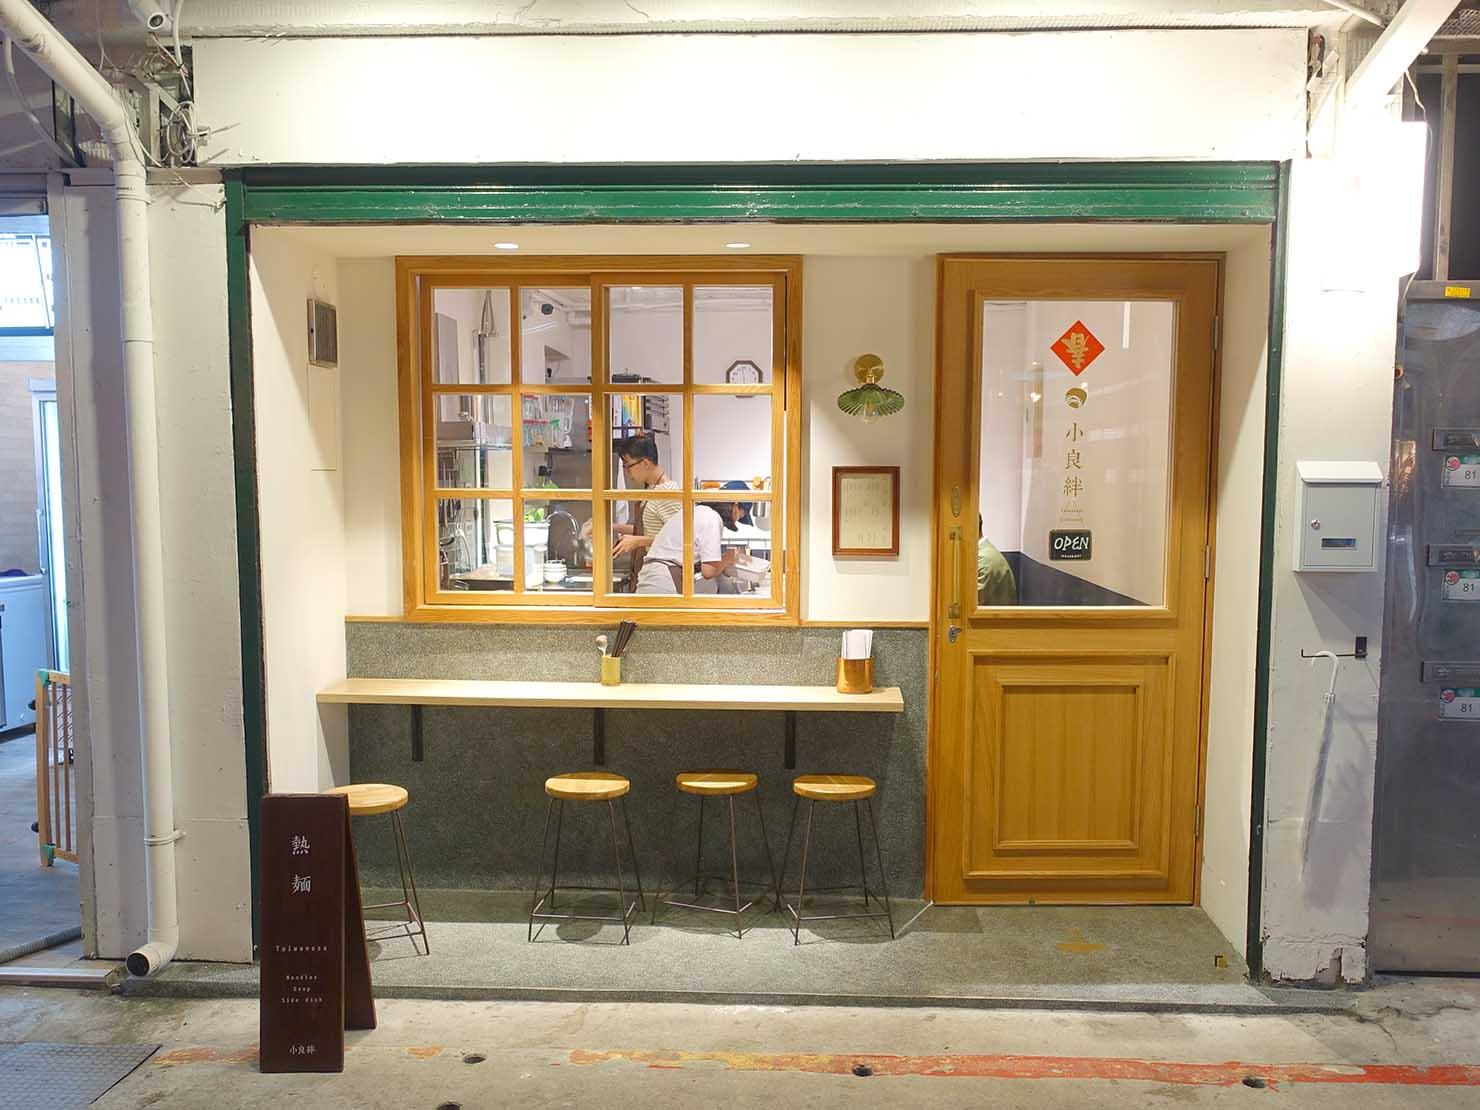 台北駅最寄りのグルメタウン・雙連のおすすめグルメ店「小良絆」の外観